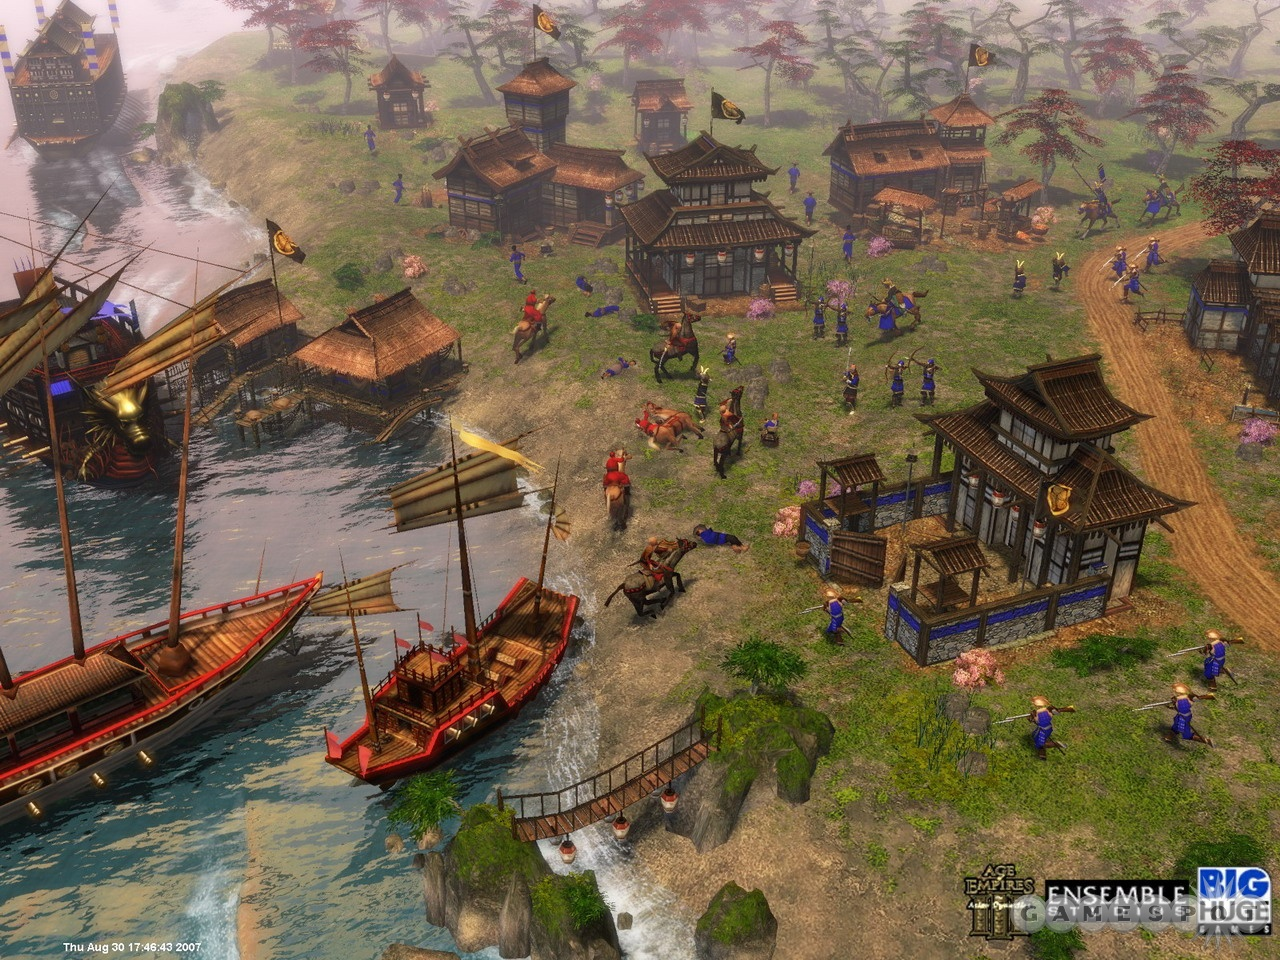 《帝国时代3:亚洲王朝》游戏画面(3)图片